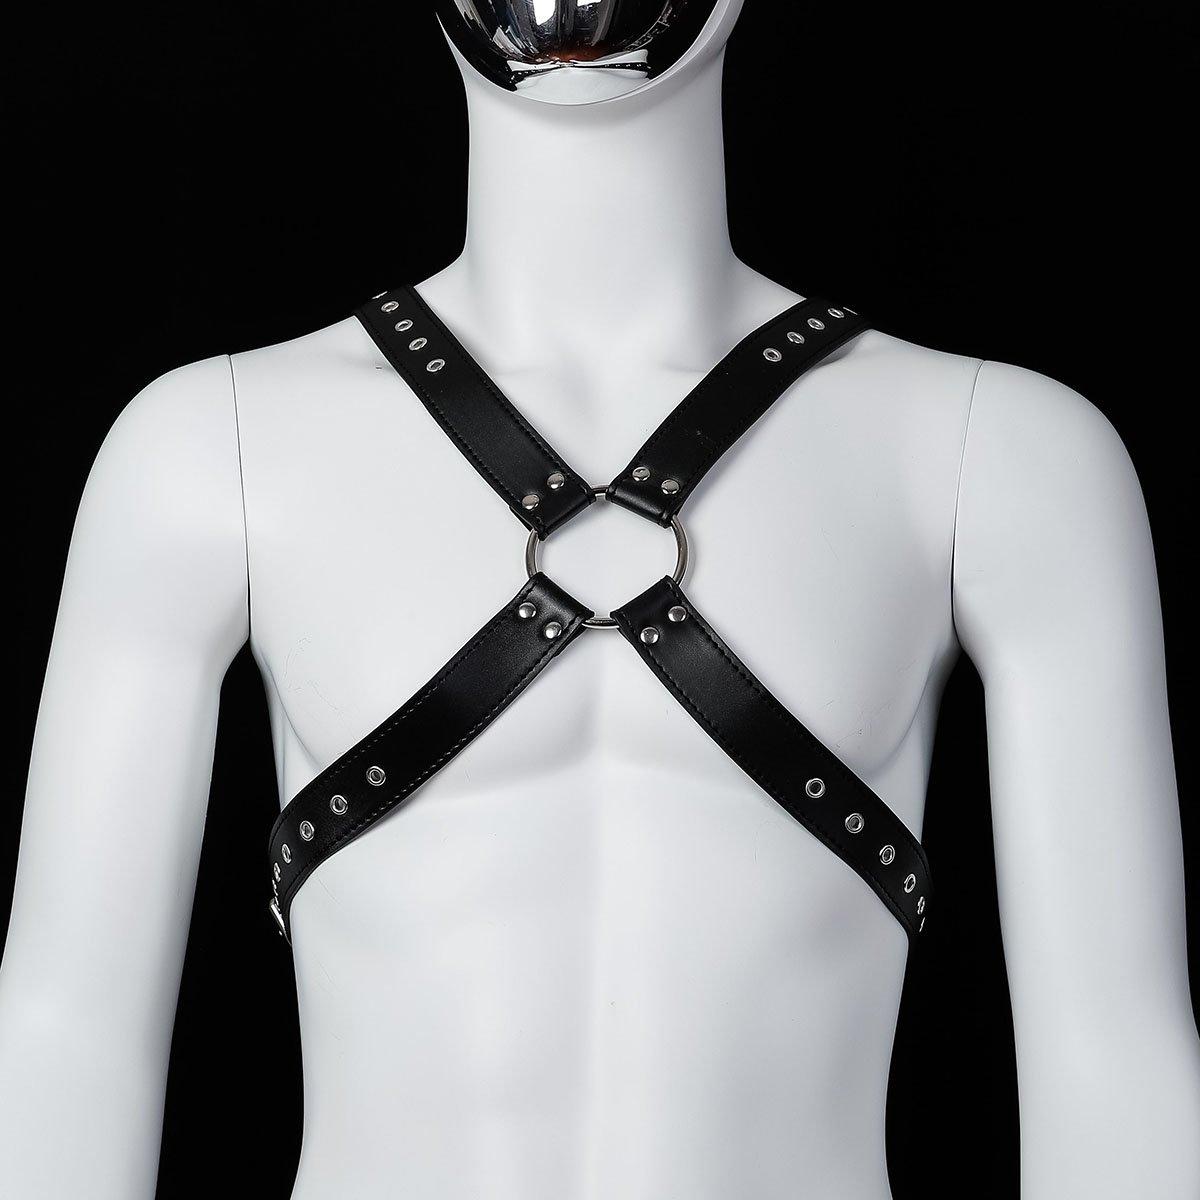 Foto van Banoch - Chest harness Radin black - imitatie leren harnas voor man